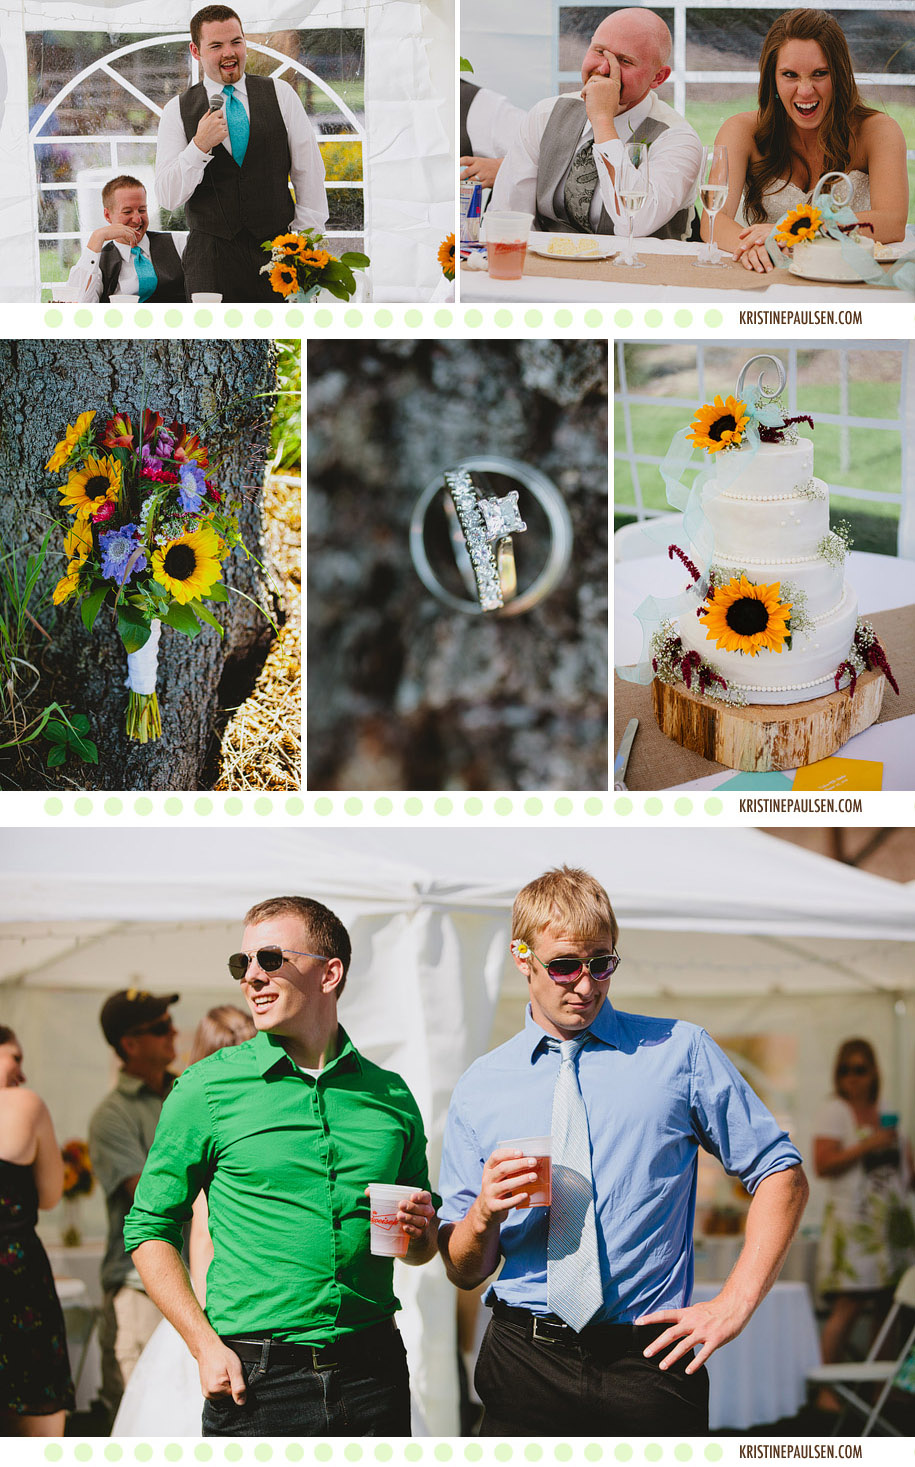 Lumberjack lolo wedding